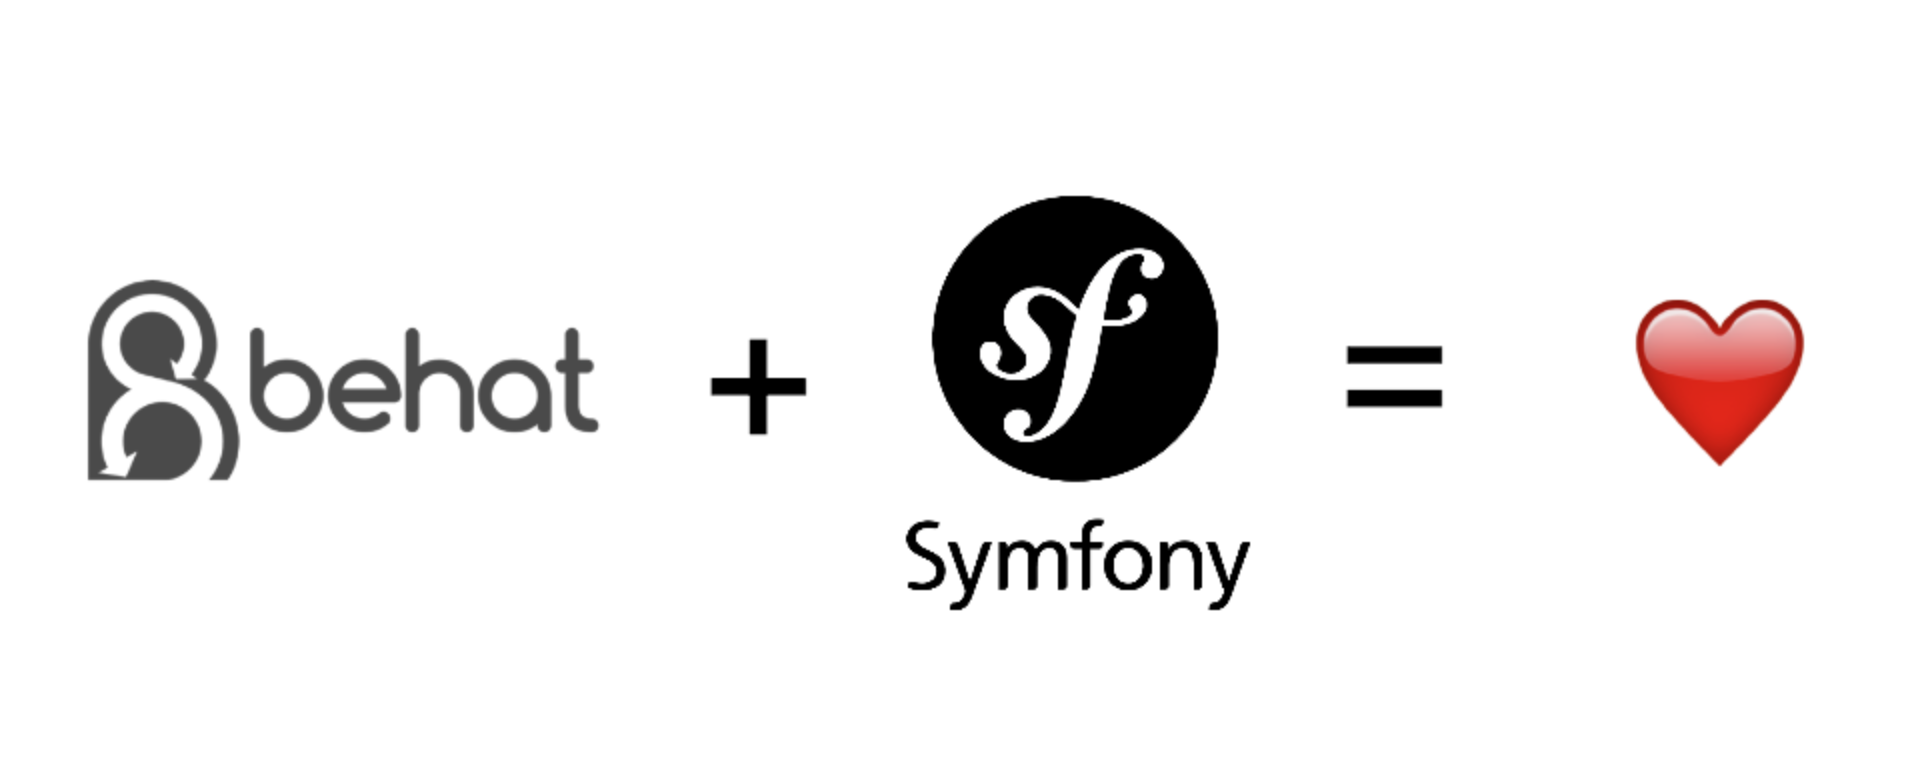 How To Configure Behat with Symfony 4 — Rafal Muszynski Blog